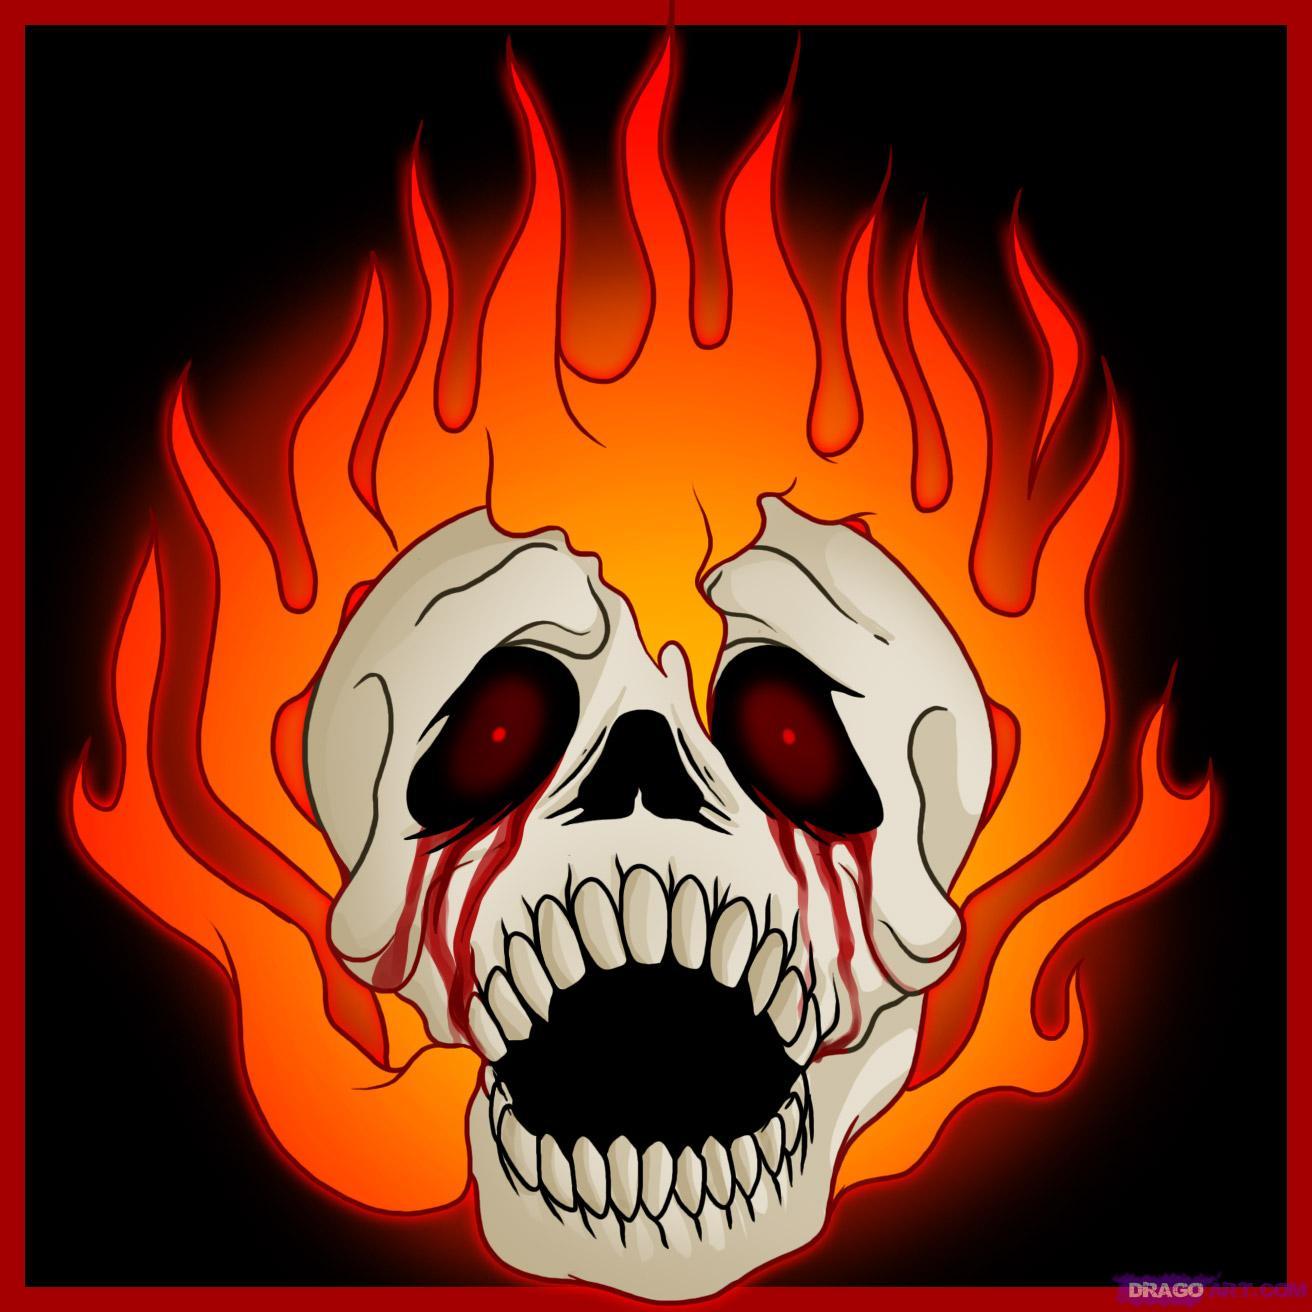 Drawn skull on fire Fire Skulls Step Skull a